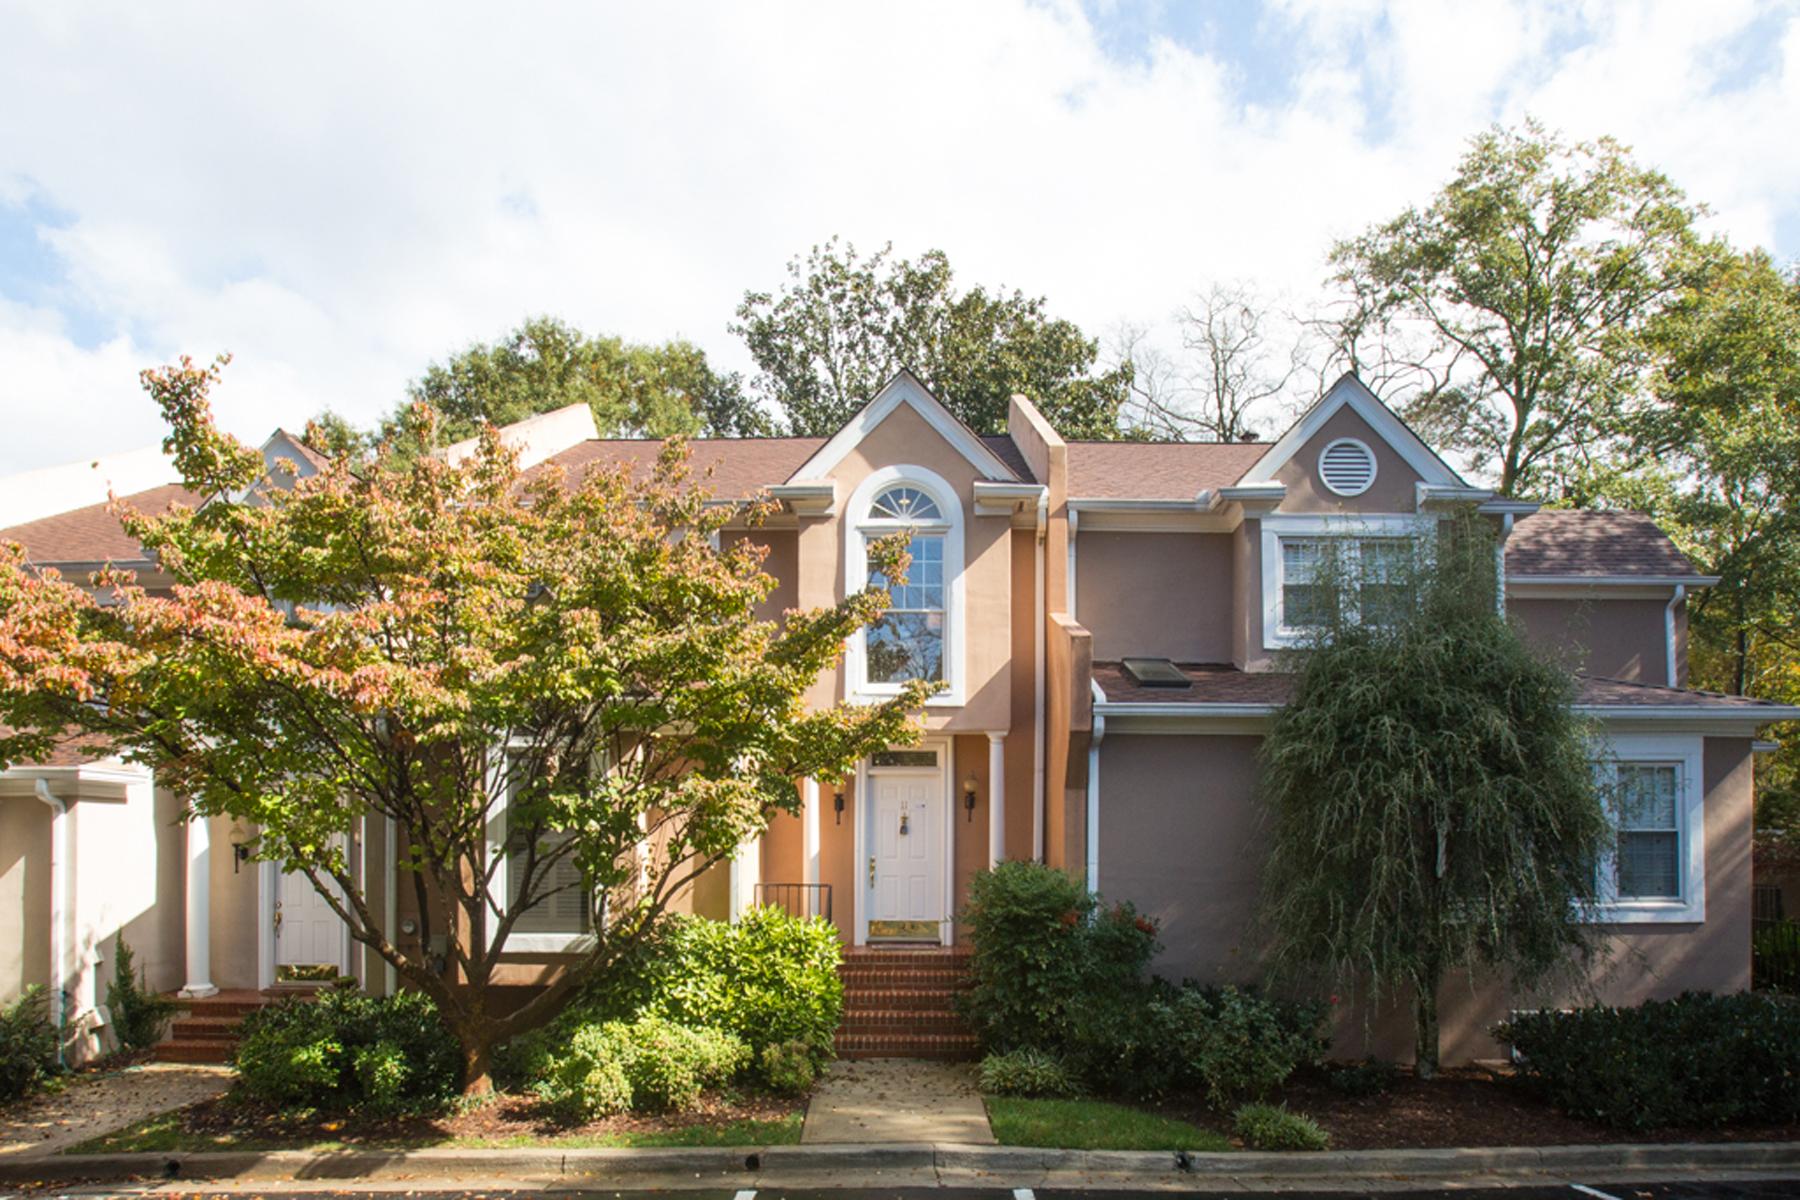 タウンハウス のために 売買 アット Brand New Renovated Townhome With Fabulous Druid Hills Location 11 Lullwater Estate Atlanta, ジョージア 30307 アメリカ合衆国